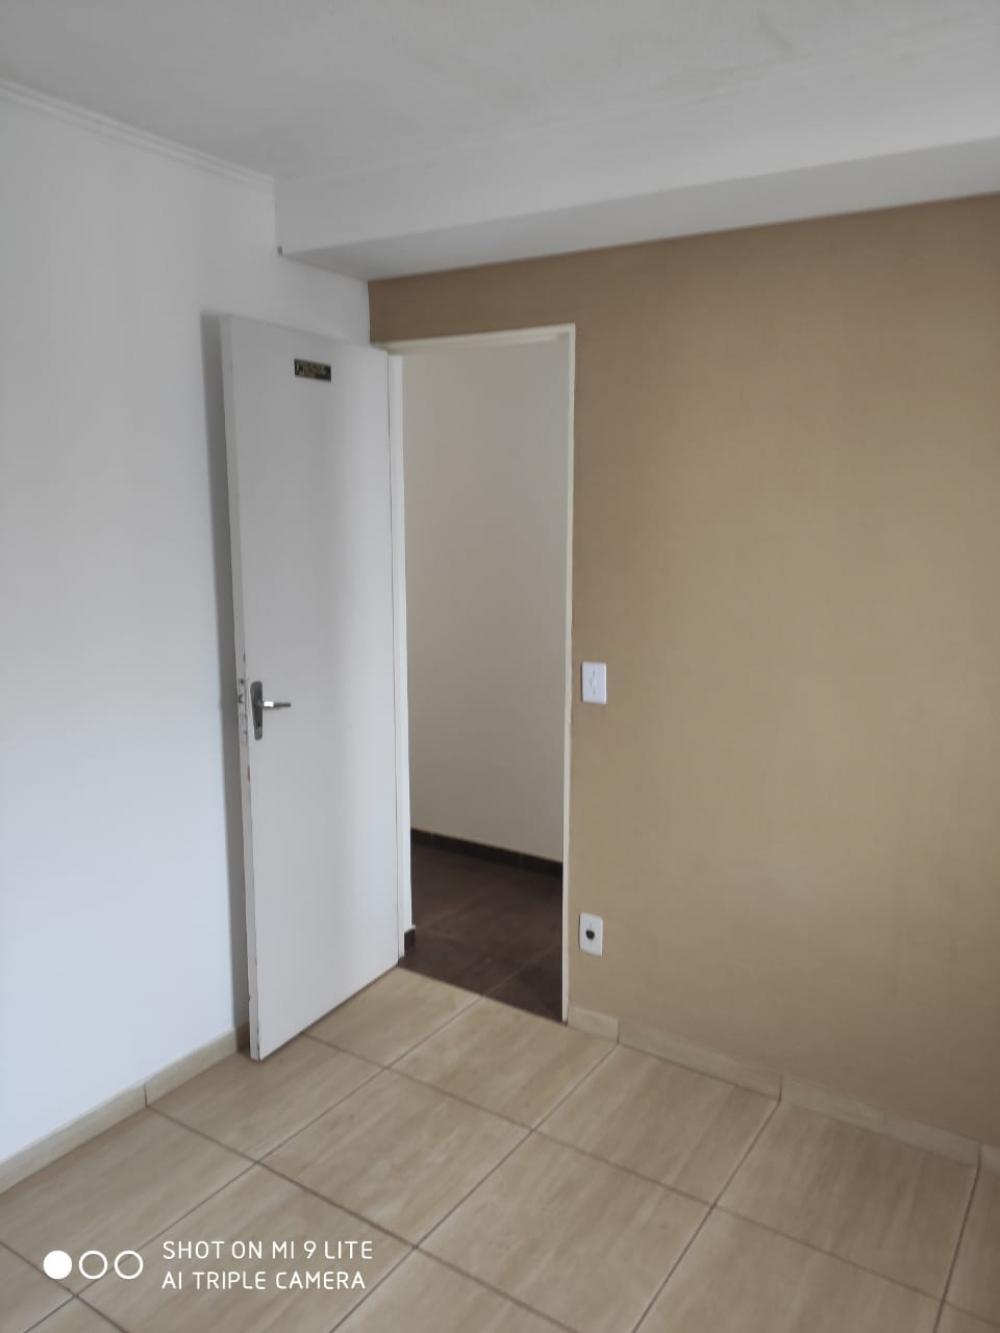 Comprar Apartamento / Padrão em São José do Rio Preto apenas R$ 120.000,00 - Foto 2